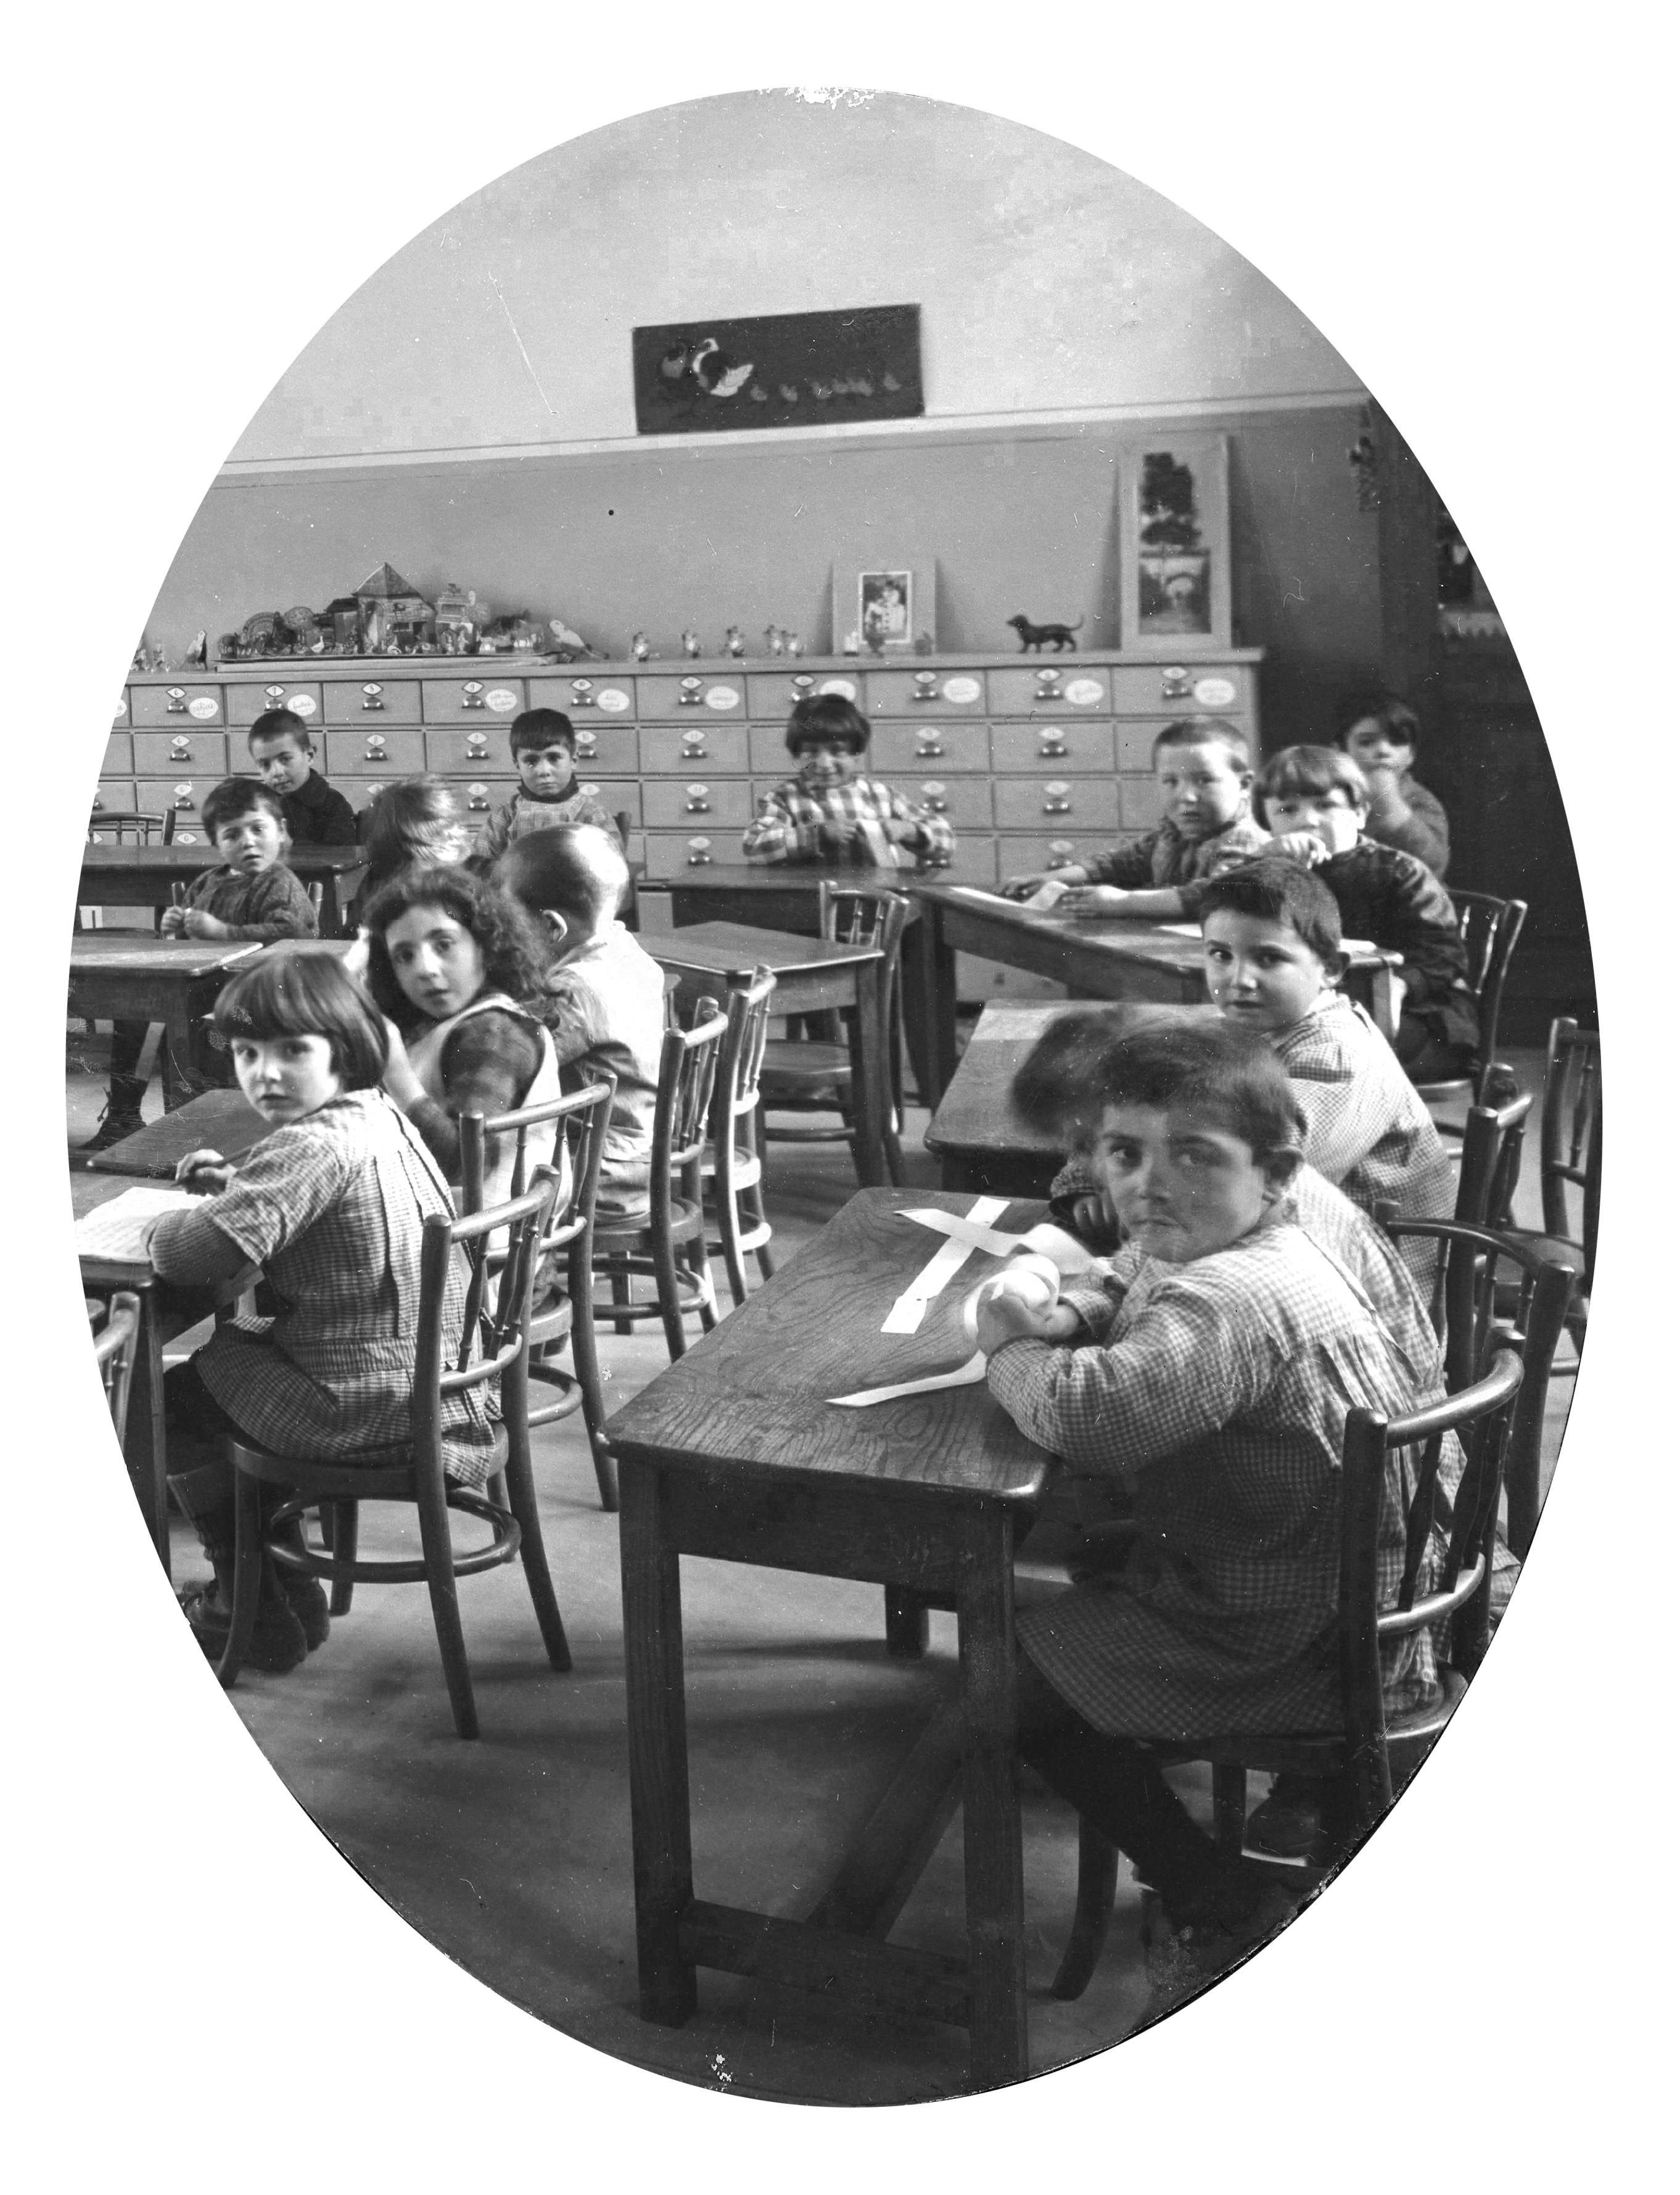 Élèves de maternelle dans leur classe, groupe scolaire Cusset. Photographie. Archives municipales de Villeurbanne / Le Rize, 2 Fi 208.